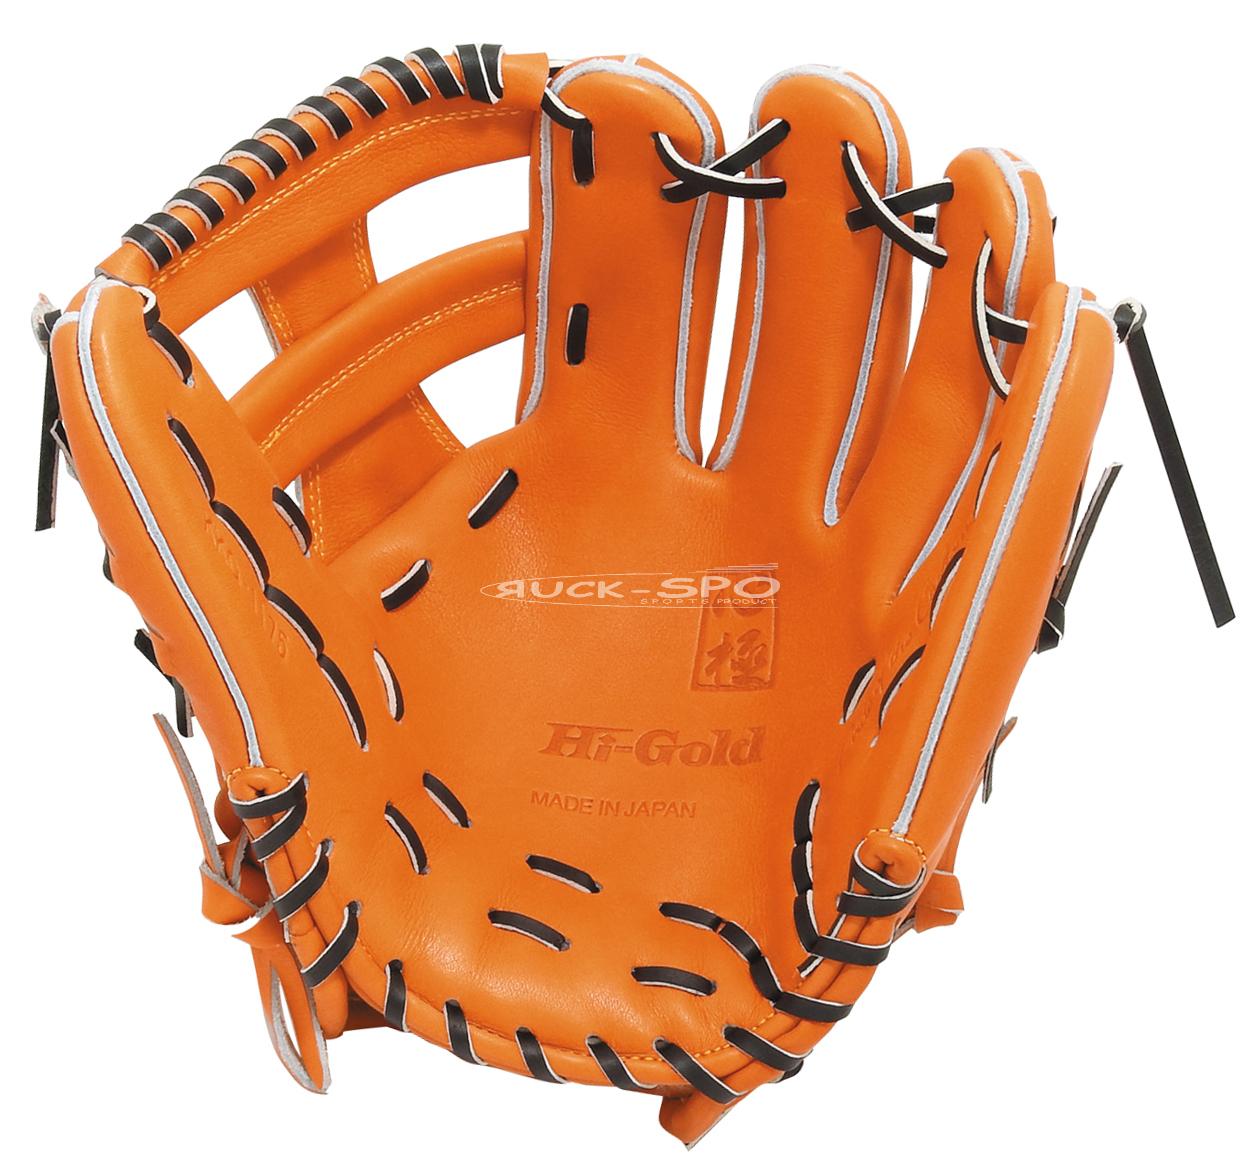 三塁手・オールポジション用 硬式 グラブ ハイゴールド HI-GOLD グローブ オレンジ 橙 コルク 高校 野球 KKG1175 送料無料 2019年モデル